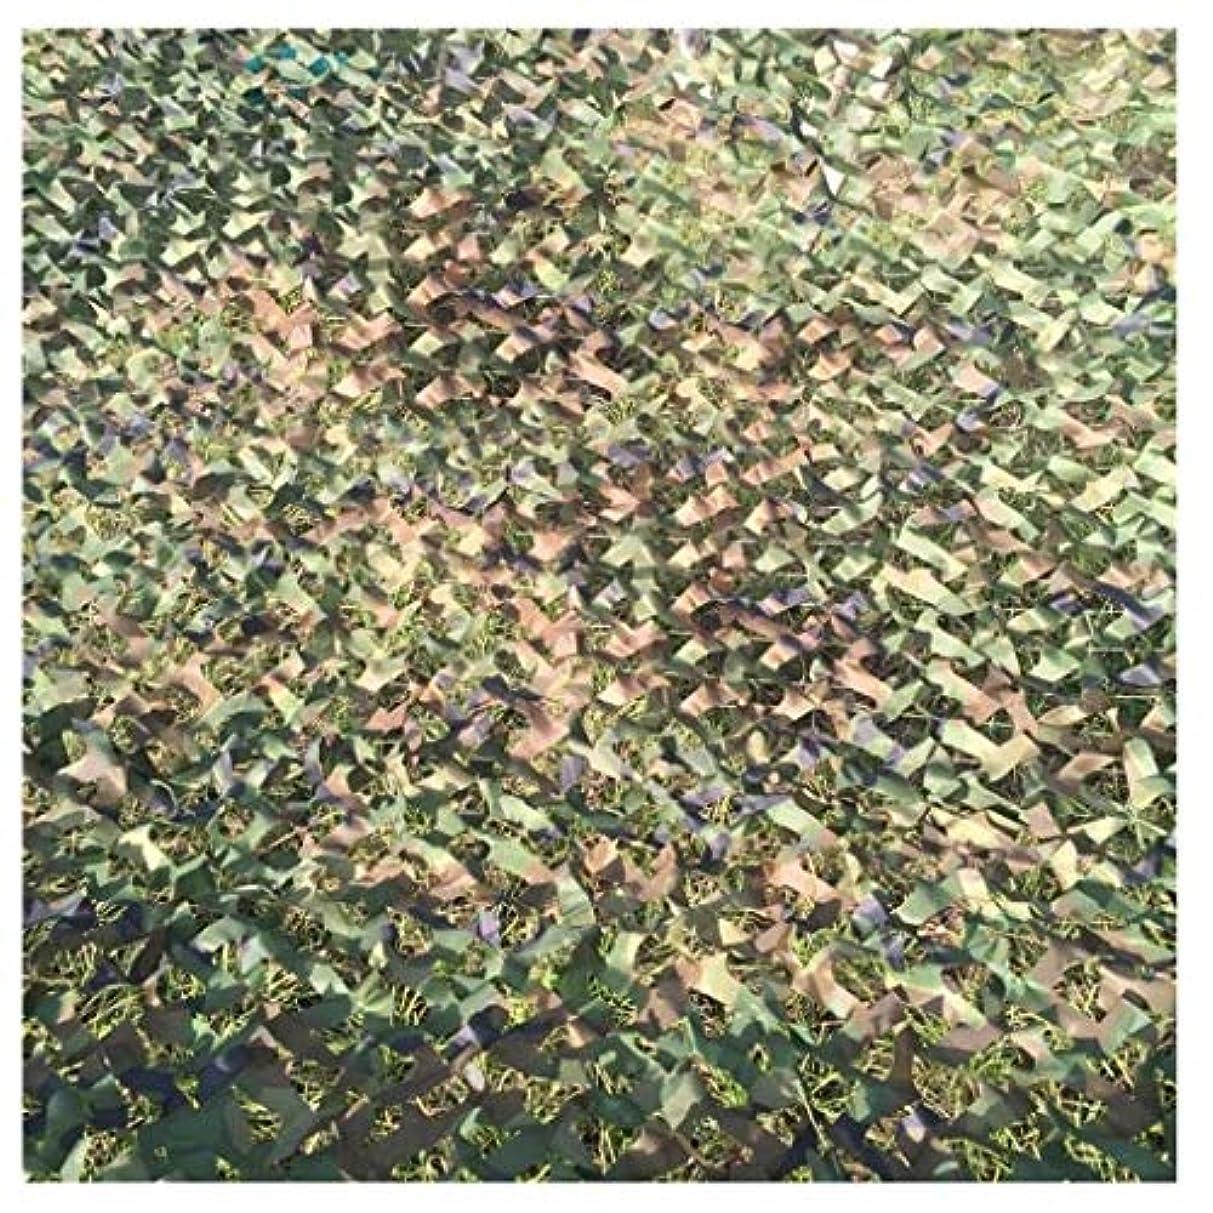 徐々に苦しめる許可するジャングルカモフラージュネット屋外空撮写真日焼け止めキャンプ抗UV通気性折りたたみ背景装飾的な目に見えないネット (サイズ さいず : 2*2M)